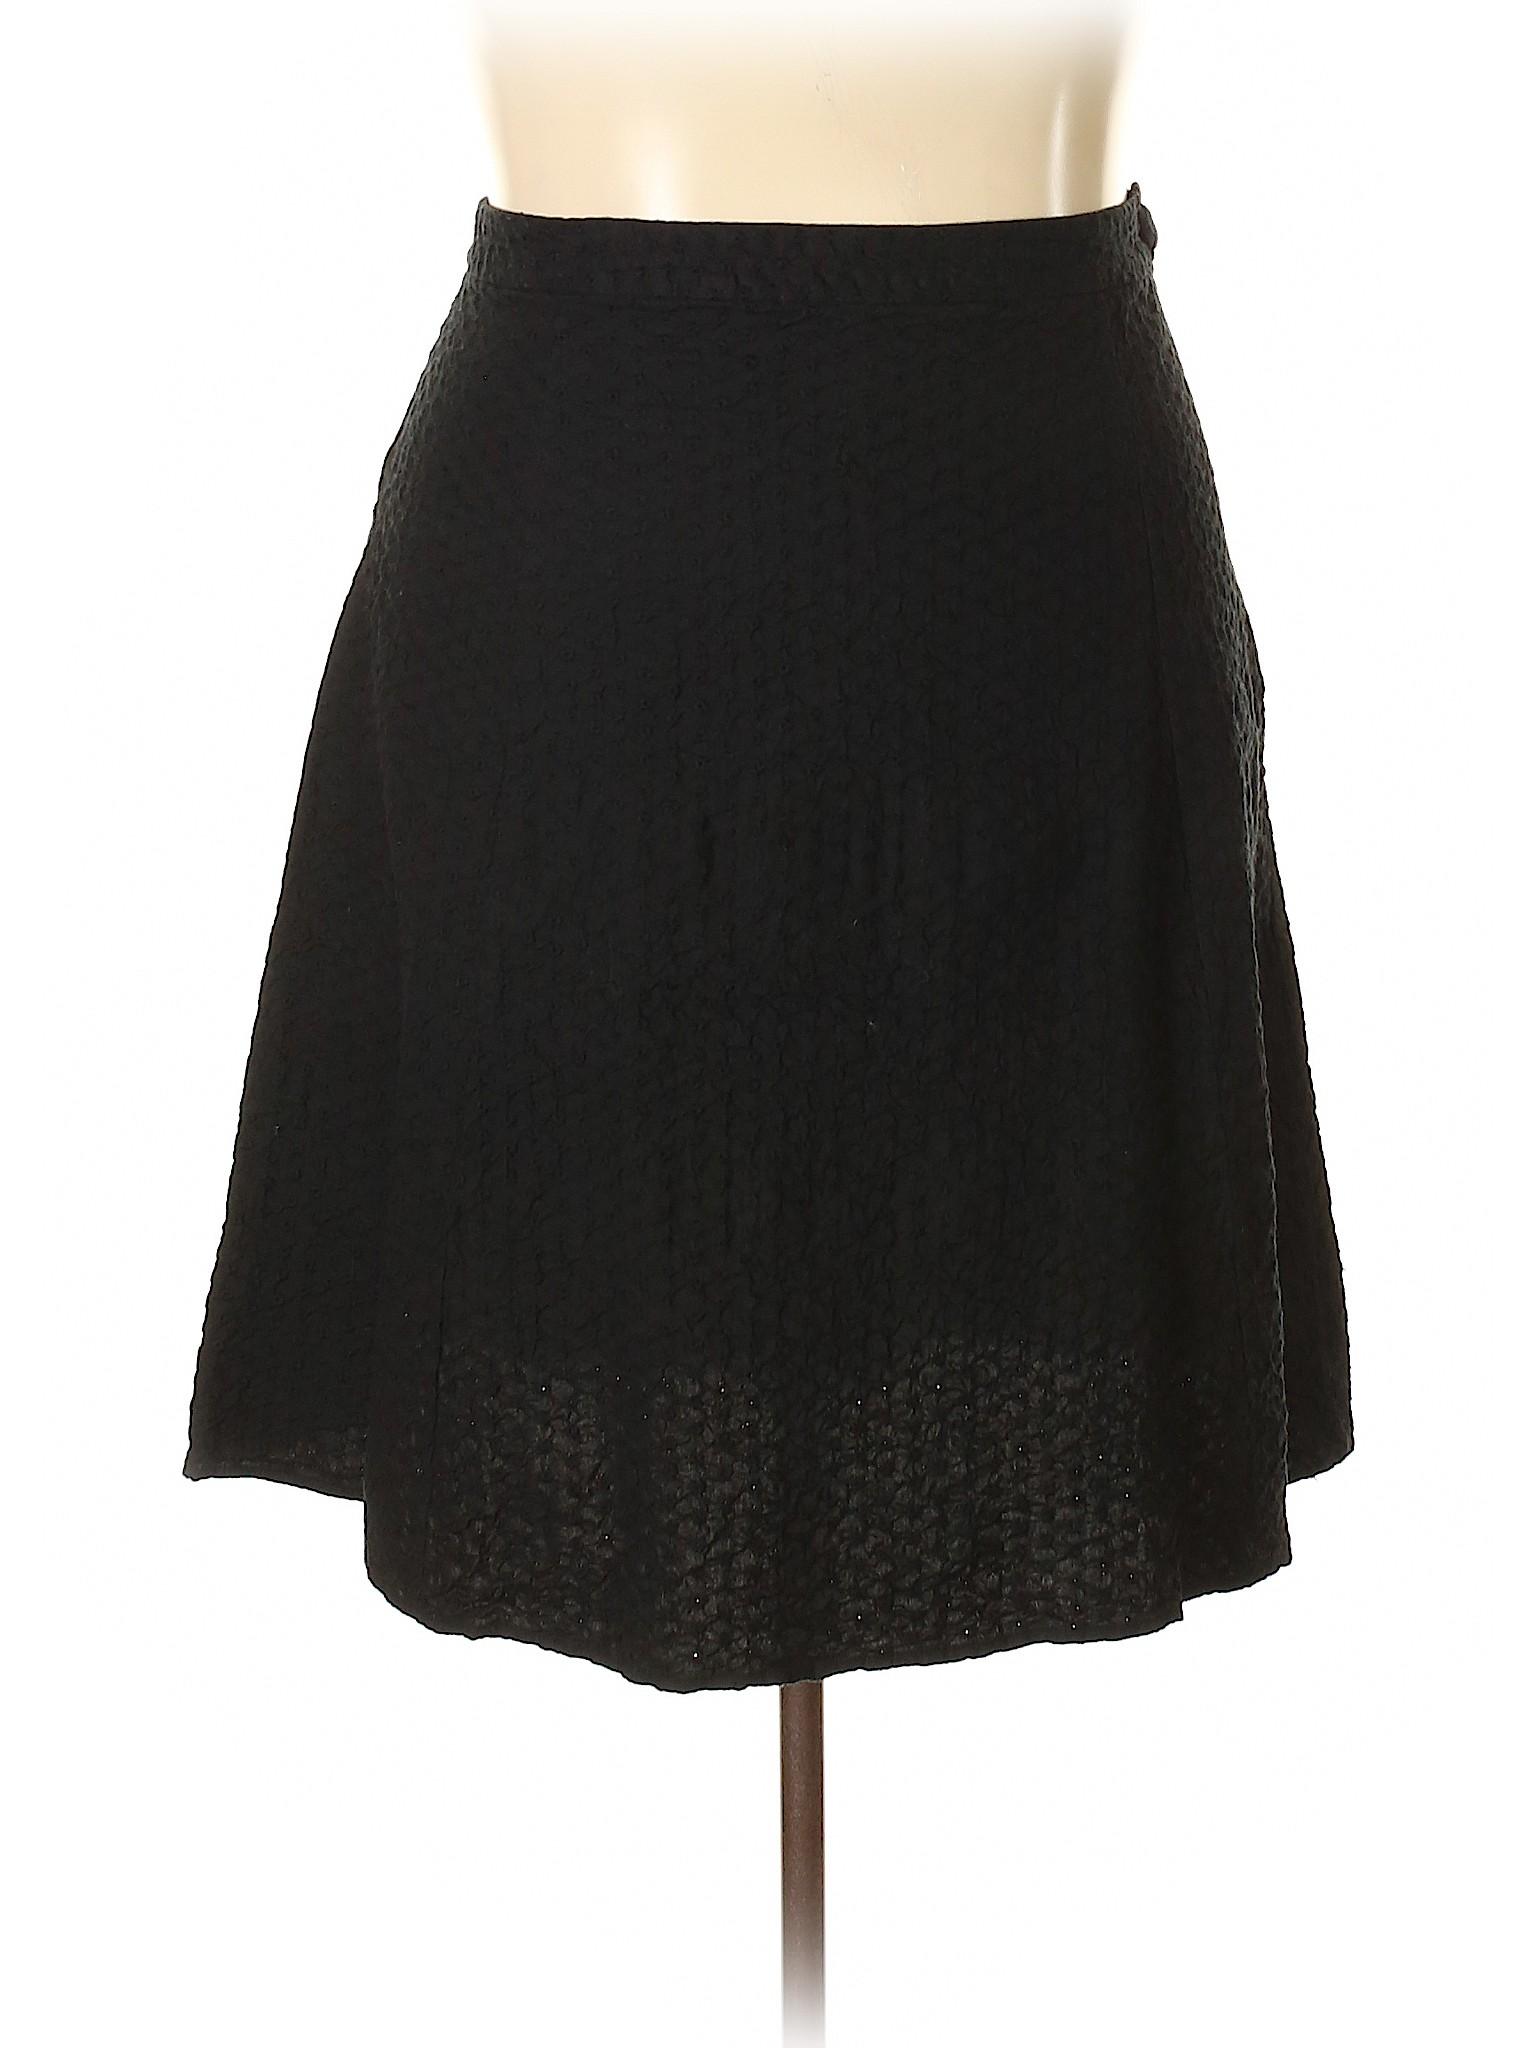 Skirt Skirt Boutique Casual Boutique Casual Casual Skirt Boutique Boutique Casual Casual Boutique Skirt rpnWnI6xX